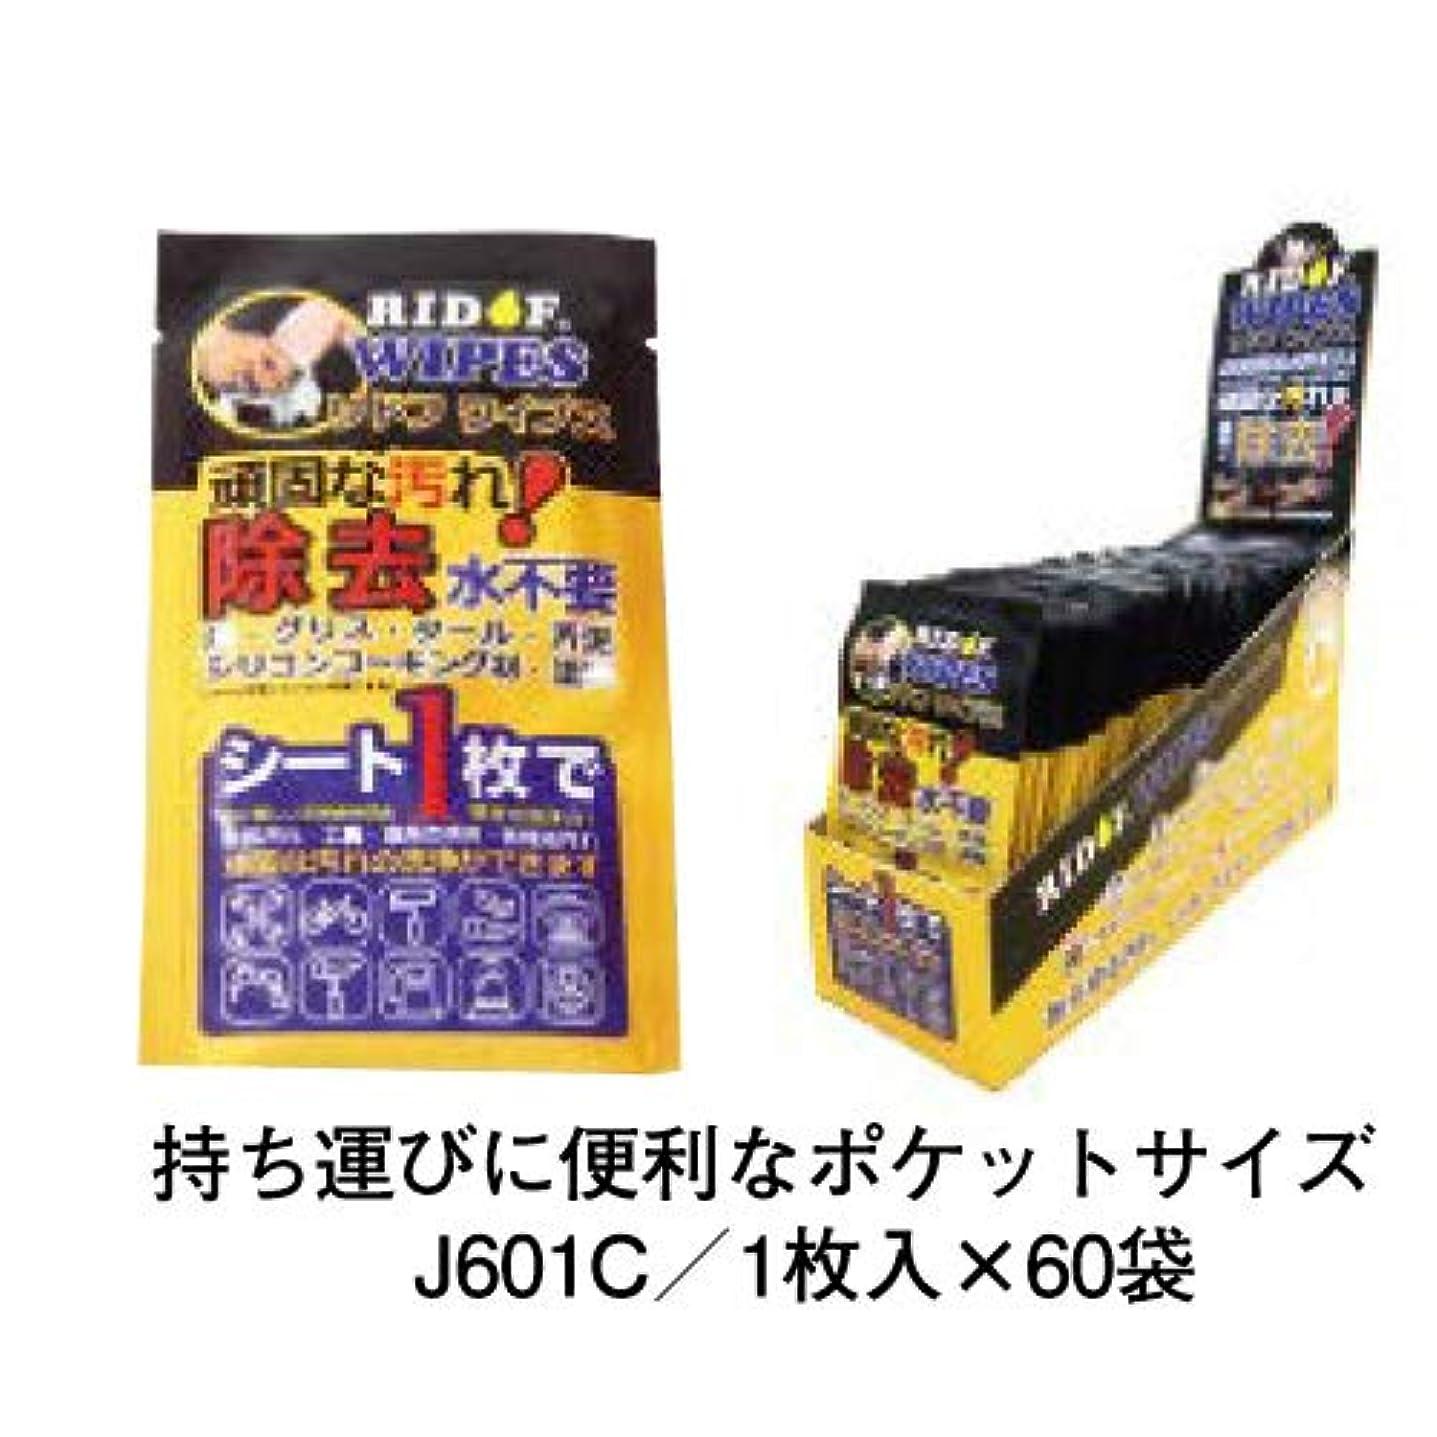 広告主議会推進リドフワイプス ポケットタイプ/1枚入×60袋 J601C